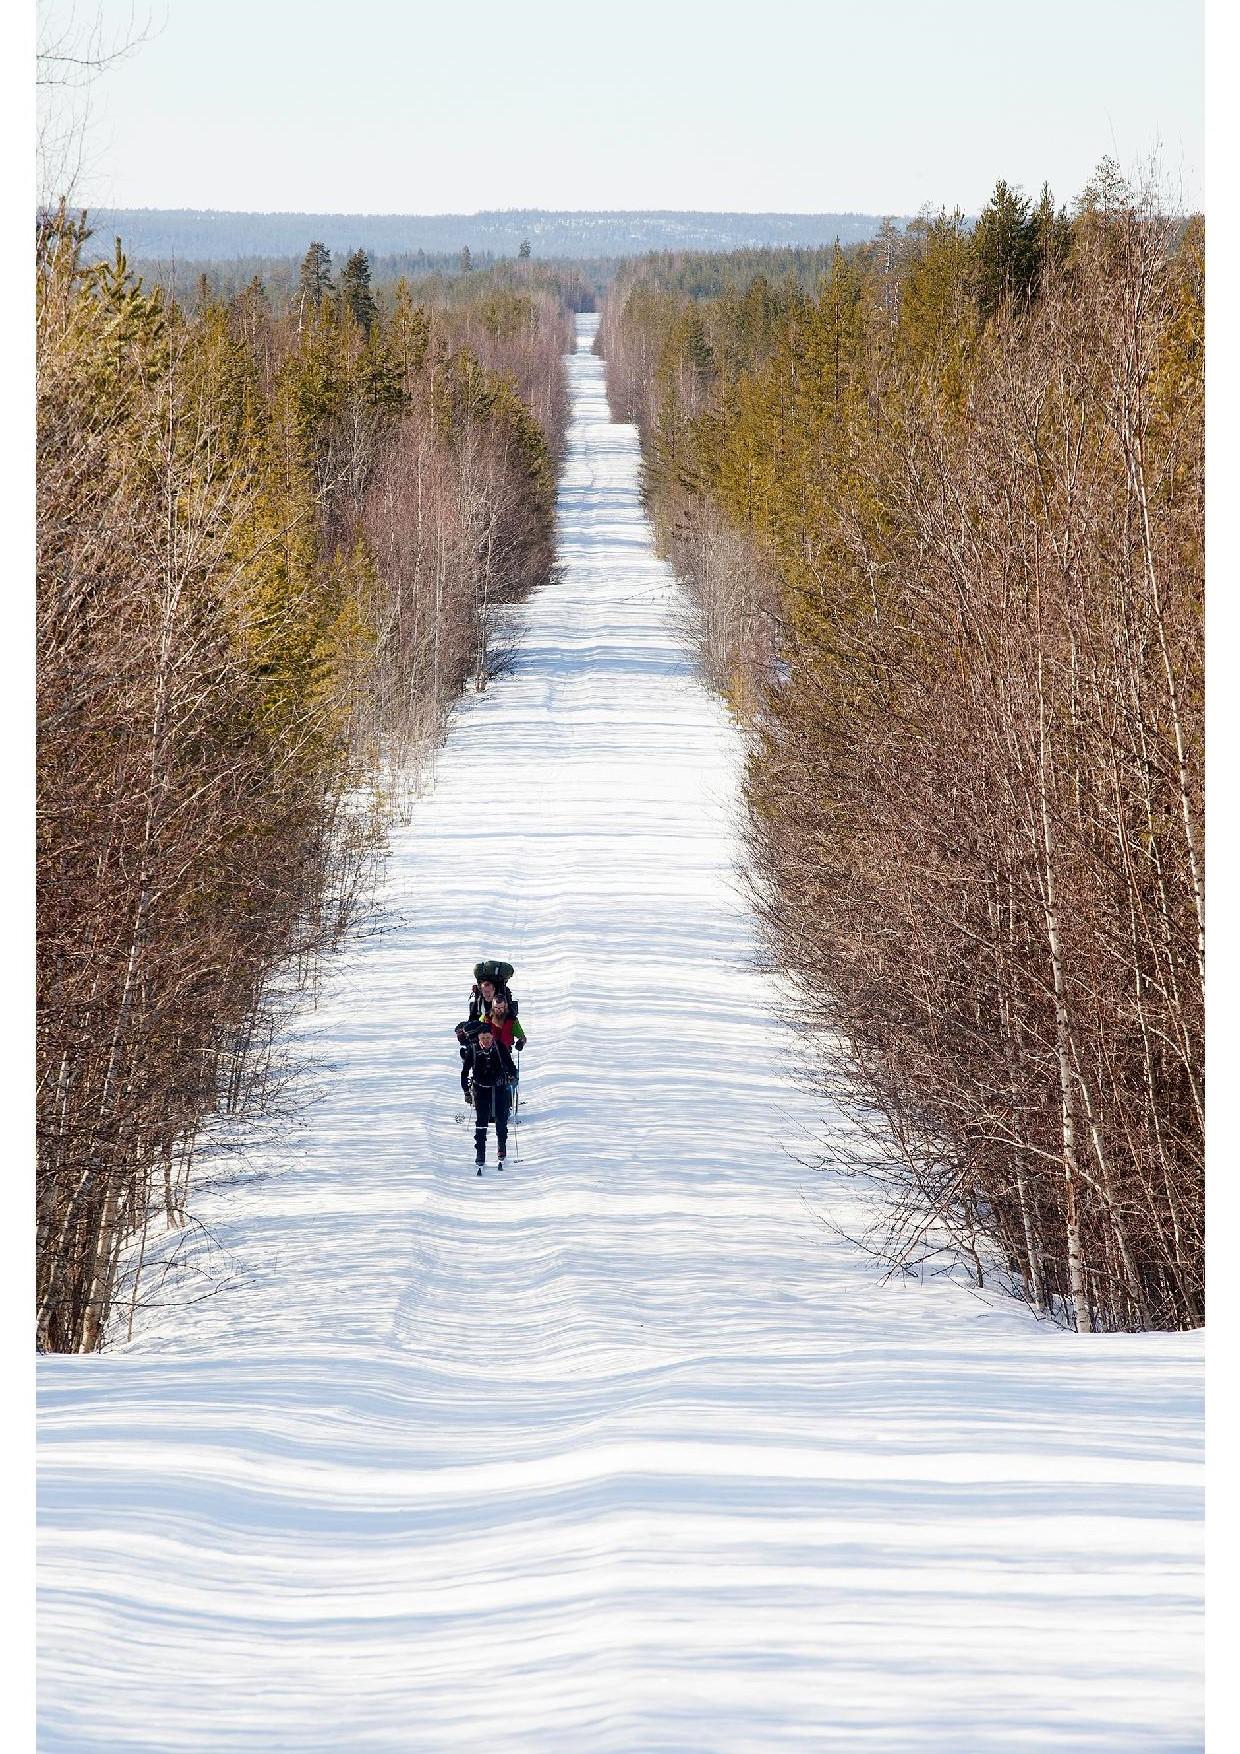 Ryhmä Pieninkä hiihtää vanhaa Pieninkä Honkaniemi uraa